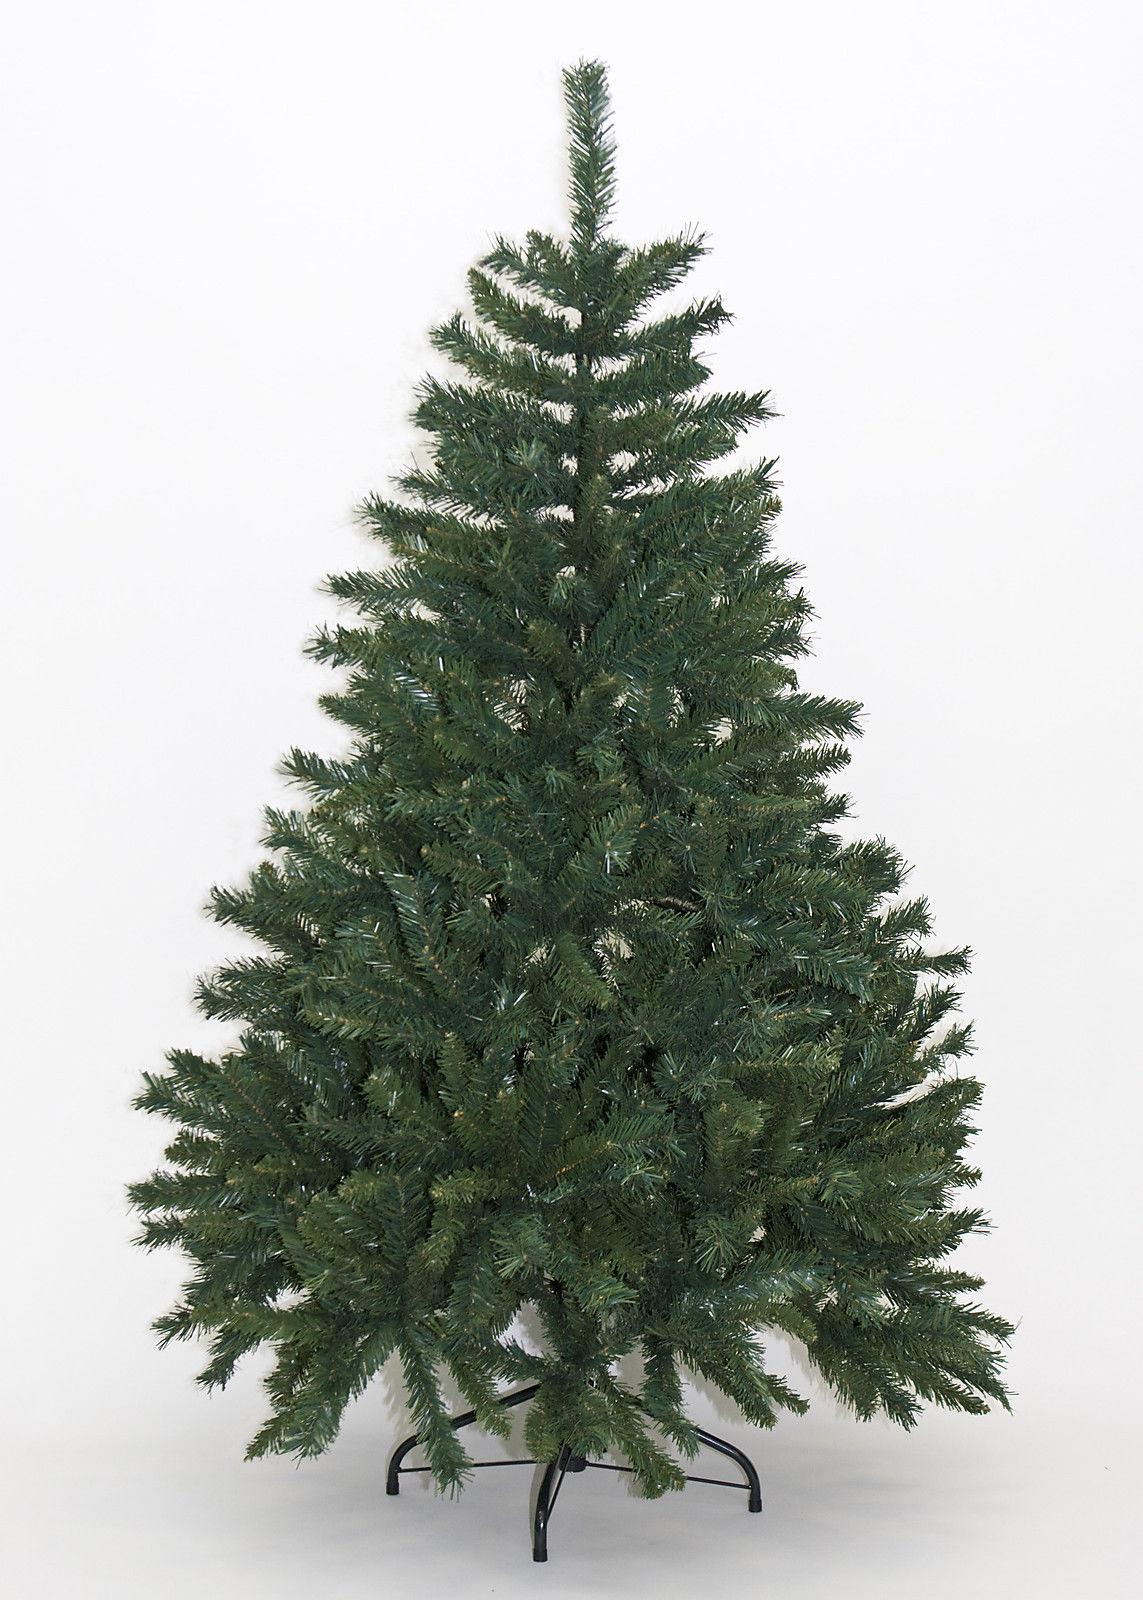 No Brand Albero Di Natale Artificiale Abete Ecologico Altezza 240 Cm Colore Verde Mod. Alpino